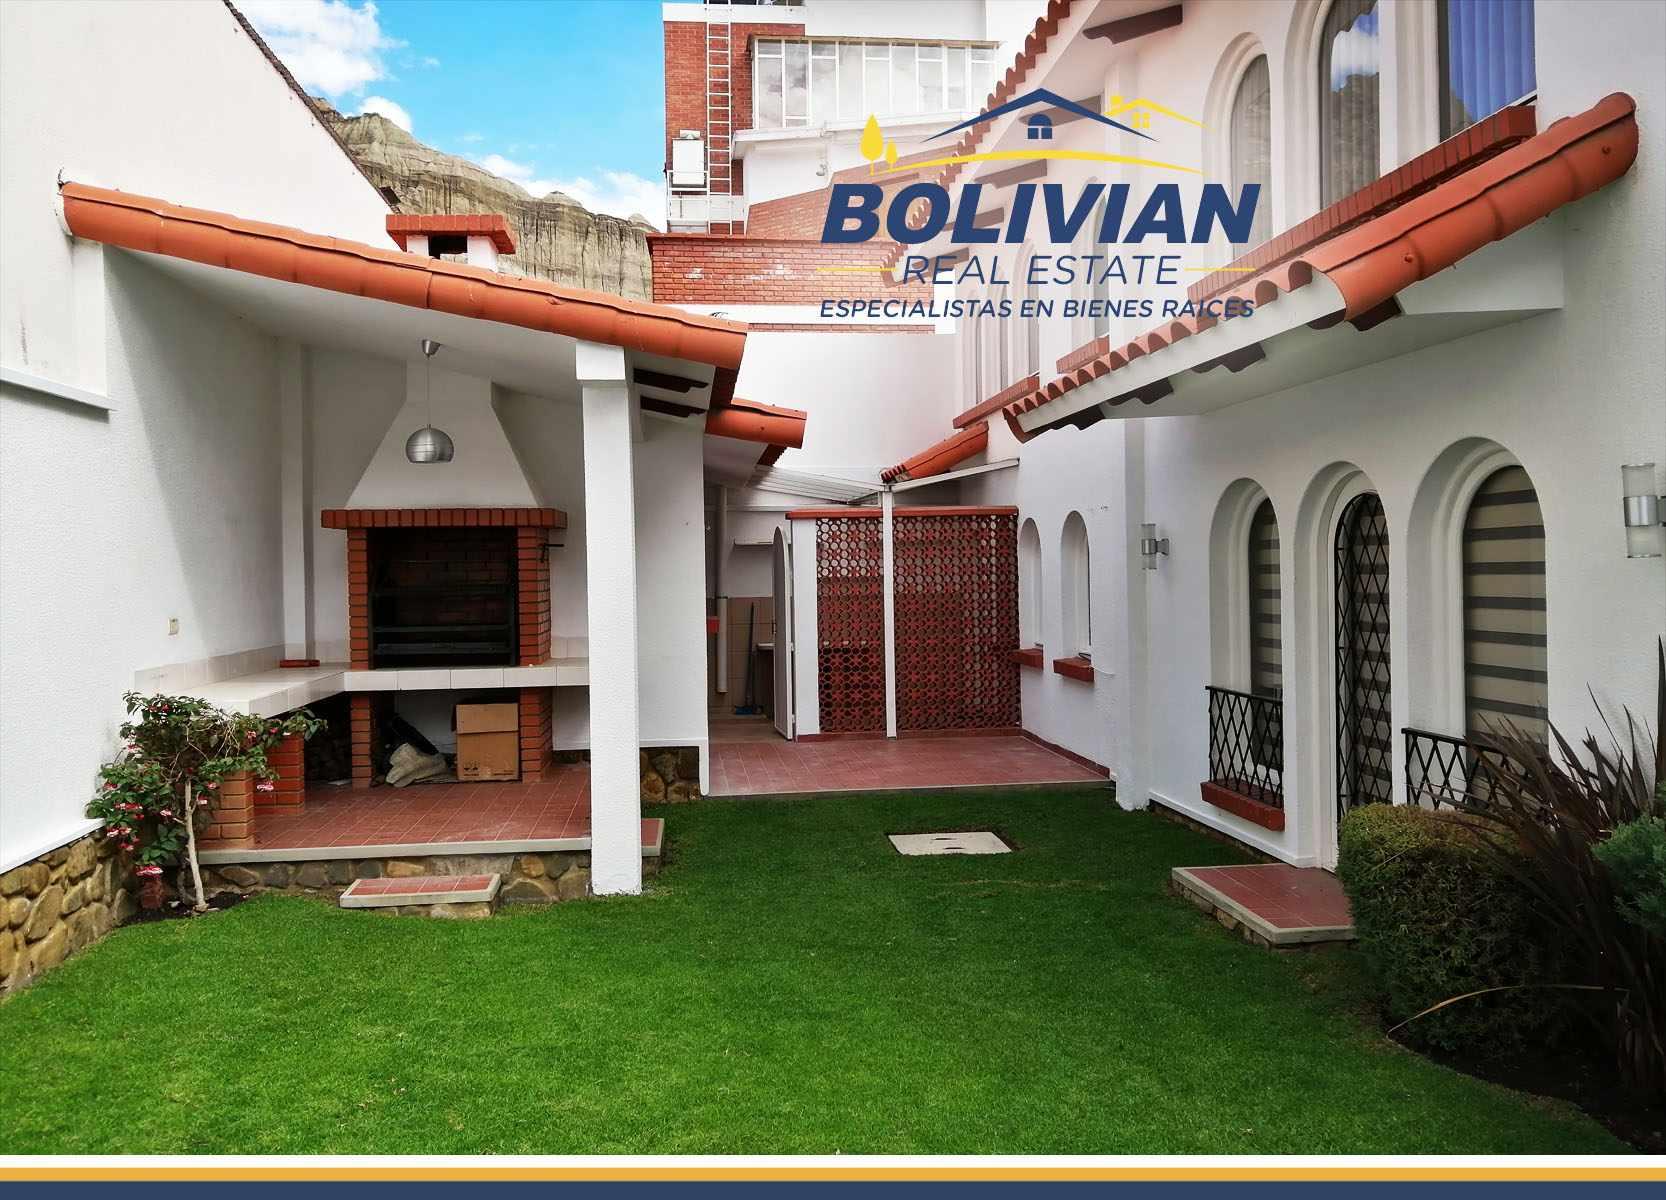 Casa en Alquiler ACHUMANI  BAJO  PRECIOSA CASA EN ALQUILER  Foto 2